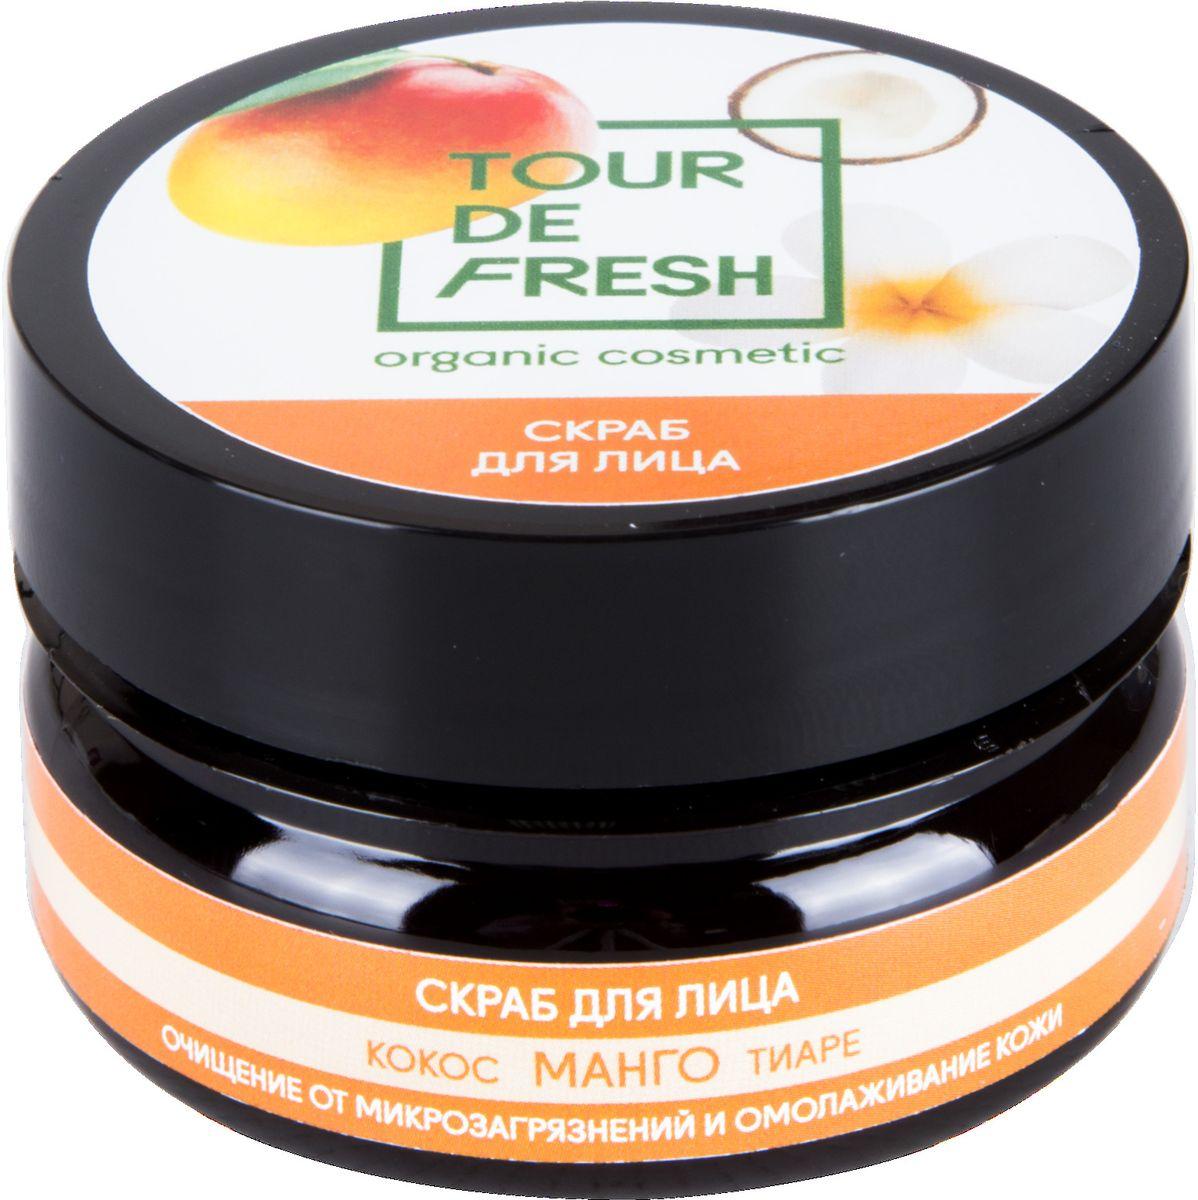 Tour De Fresh Скраб для лица Манго, кокос и тиарэ, 60 млУФ000000034Мягкий скраб предназначен для чувствительной кожи, склонной к шелушениям. Экстракт манго глубоко питает кожу, предупреждая увядание и сухость. Кокосовое масло выступает как естественный барьер, защищающий чувствительную, тонкую кожу от ультрафиолета.